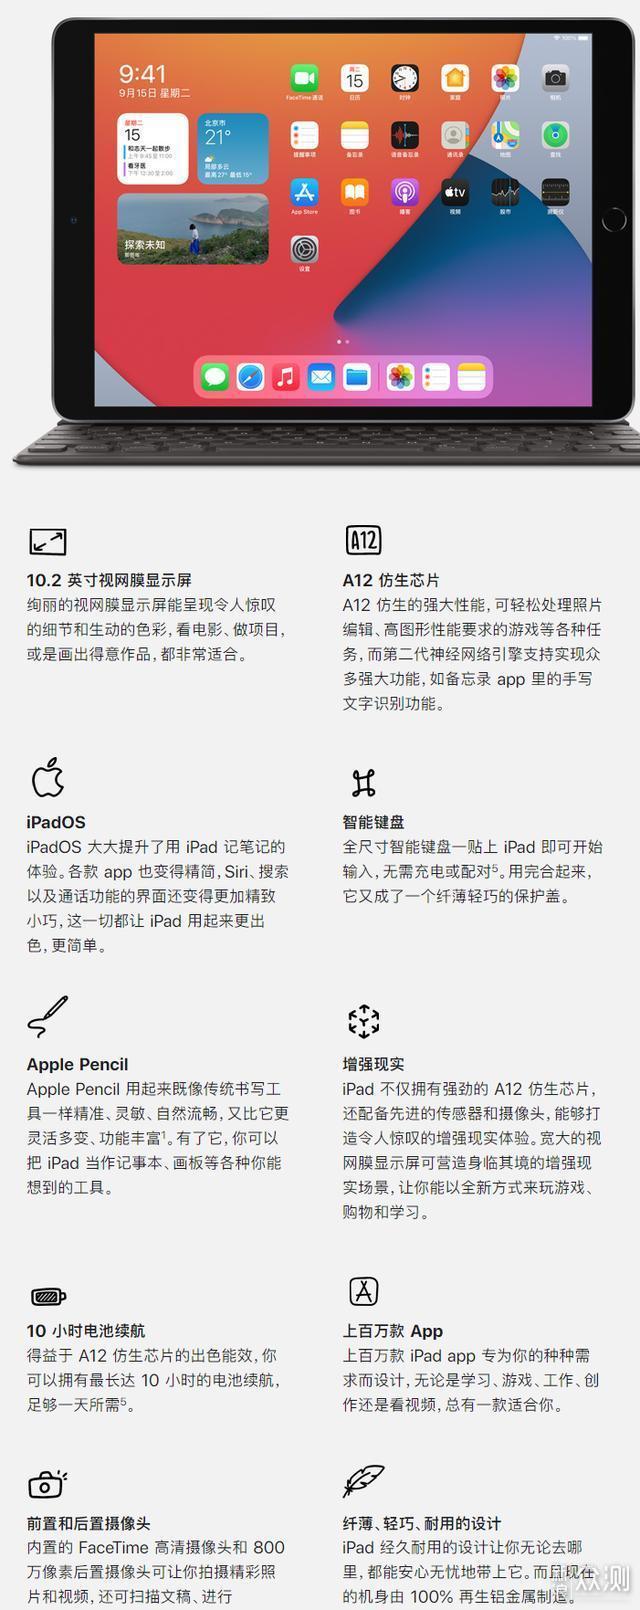 技术科普和新品汇总:苹果到底发布啥了?_新浪众测